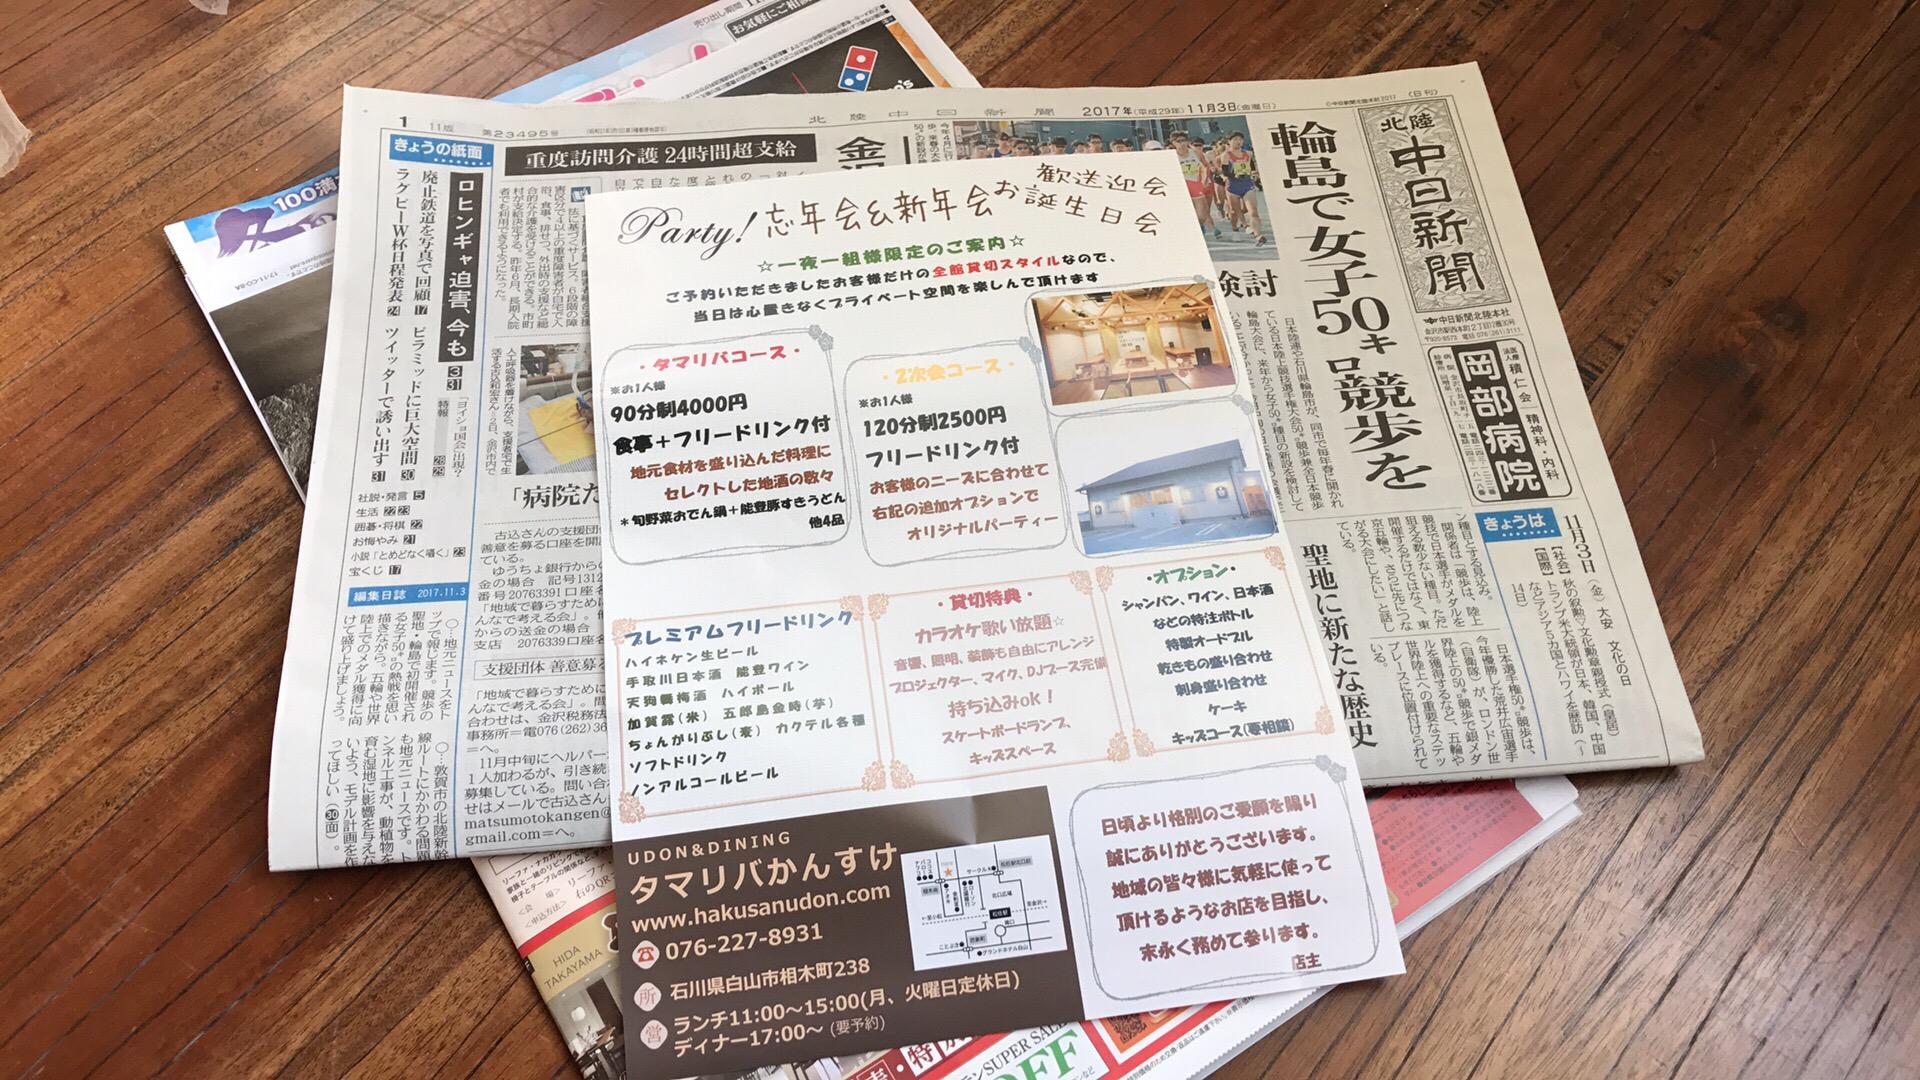 中日新聞 今朝の折込チラシ